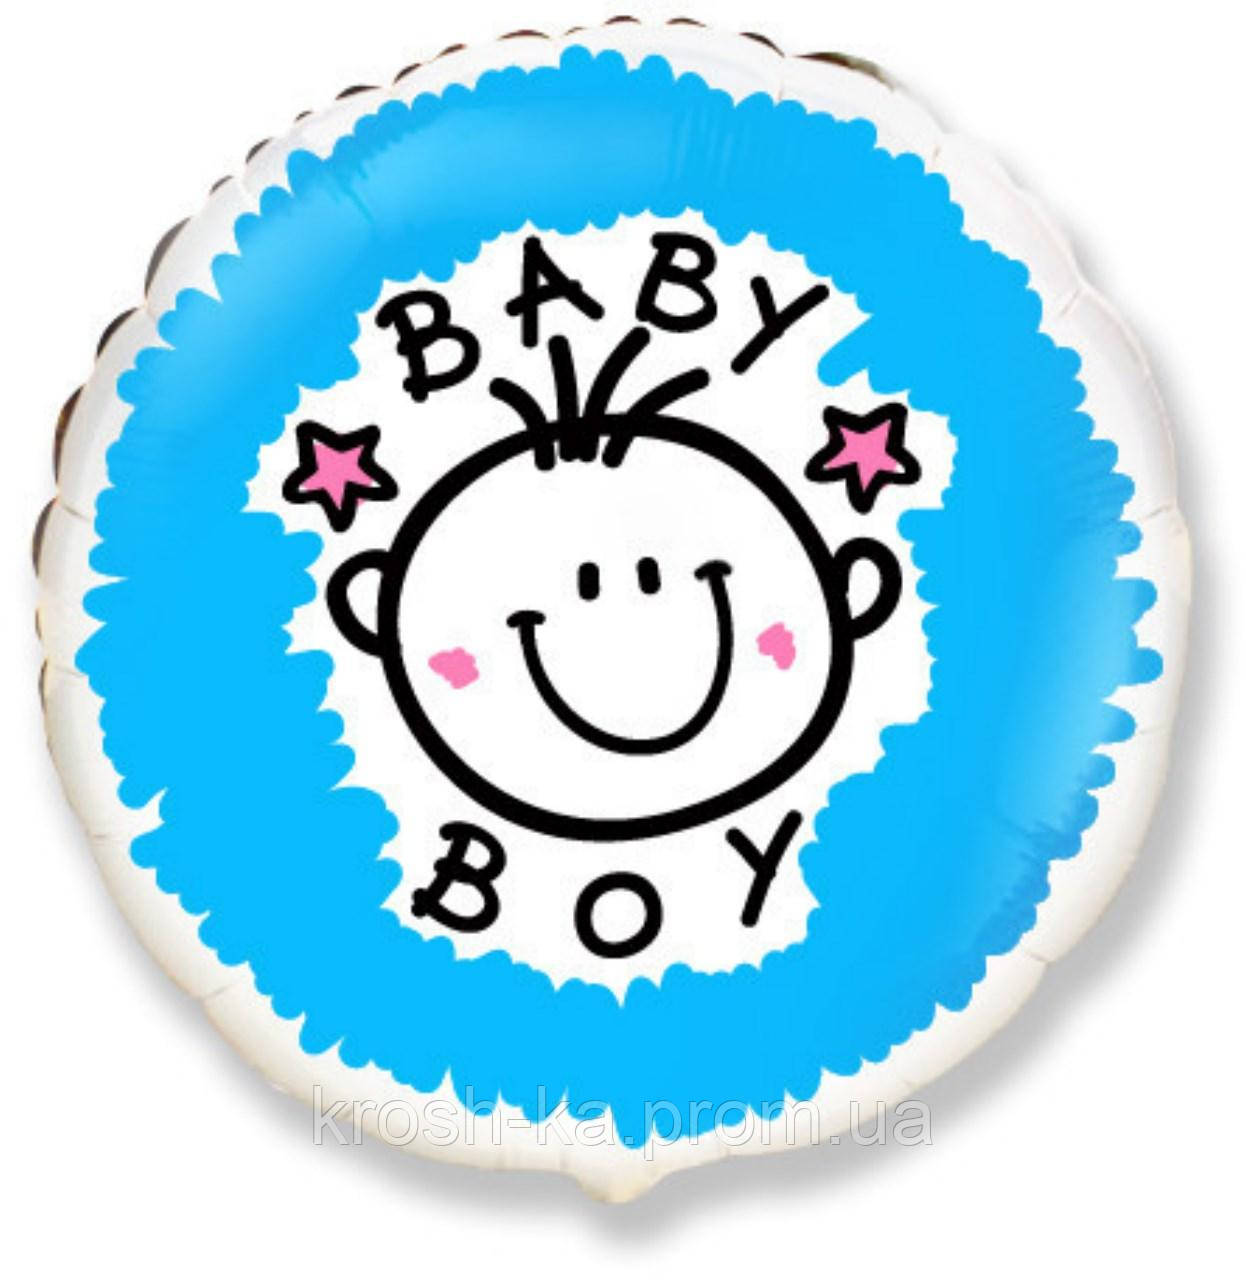 """Фольгированный шар 18"""" Baby girl,Baby boy 45см Весёлая затея 1202-3040"""